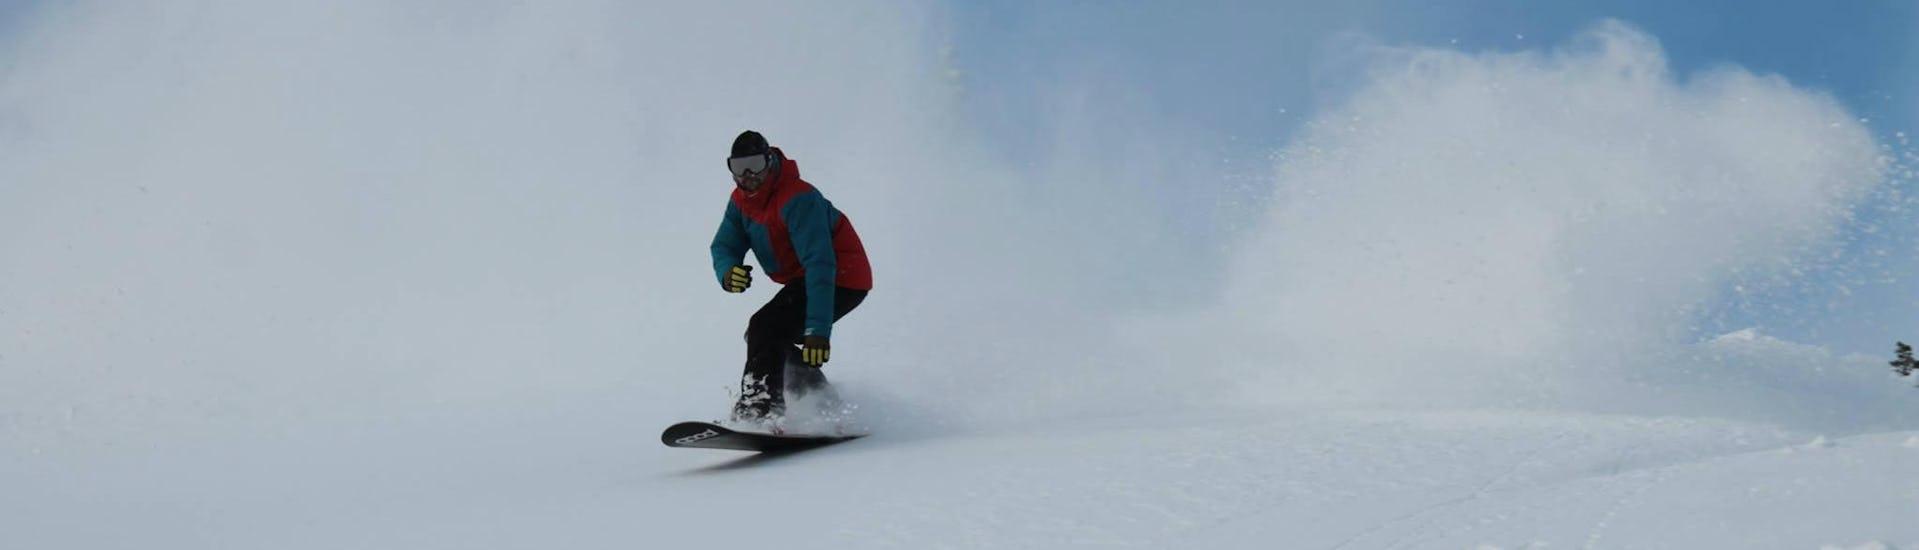 Snowboardkurs für Kinder & Erwachsene - Anfänger